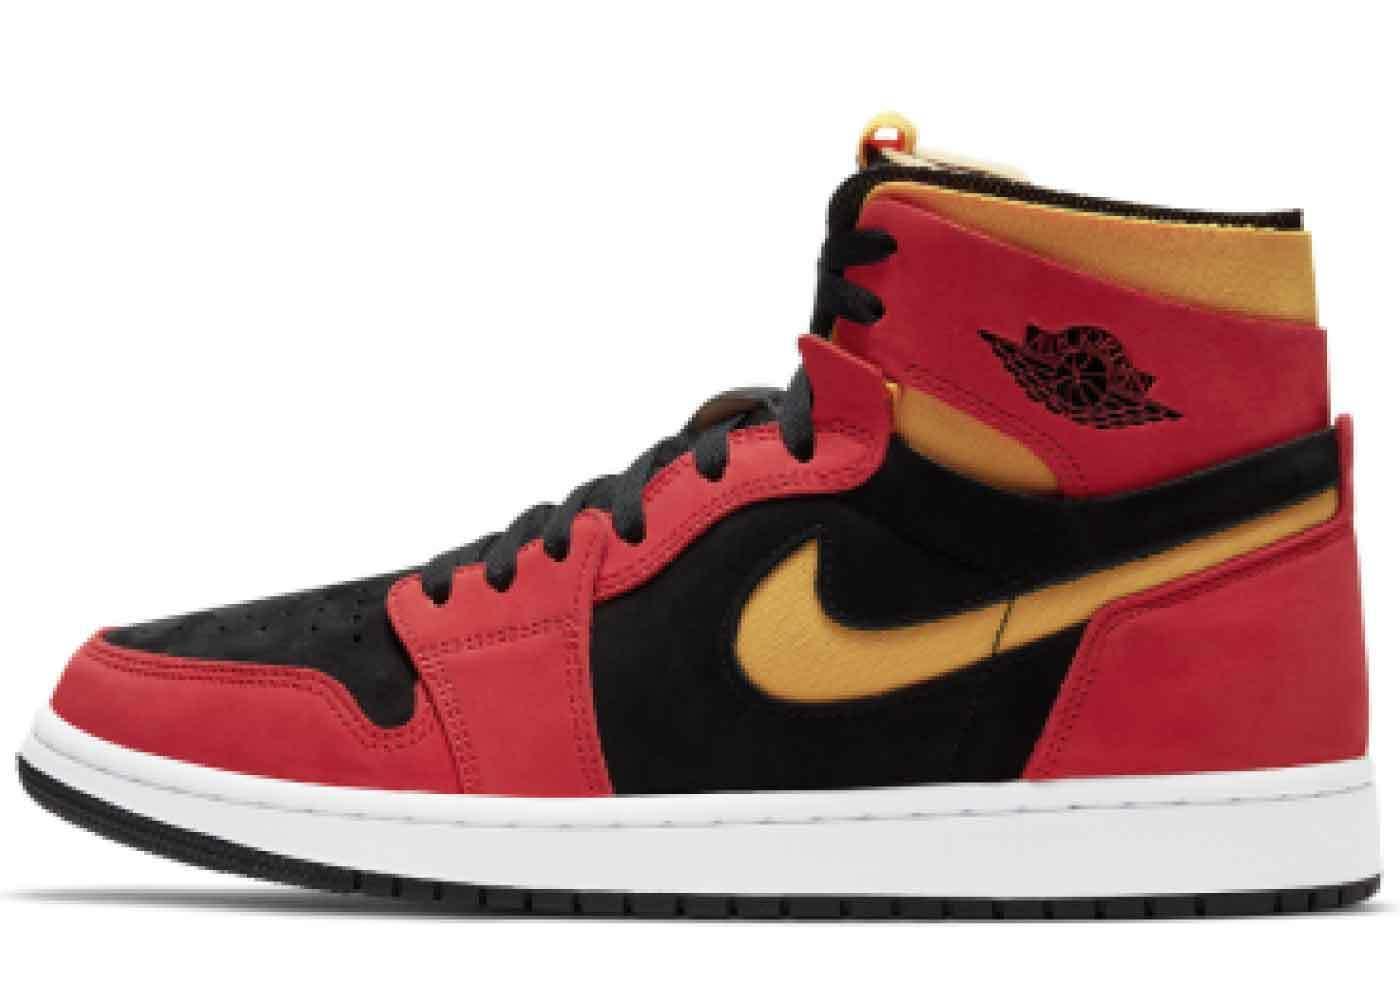 Nike Air Jordan 1 High Zoom Comfort Chile Redの写真